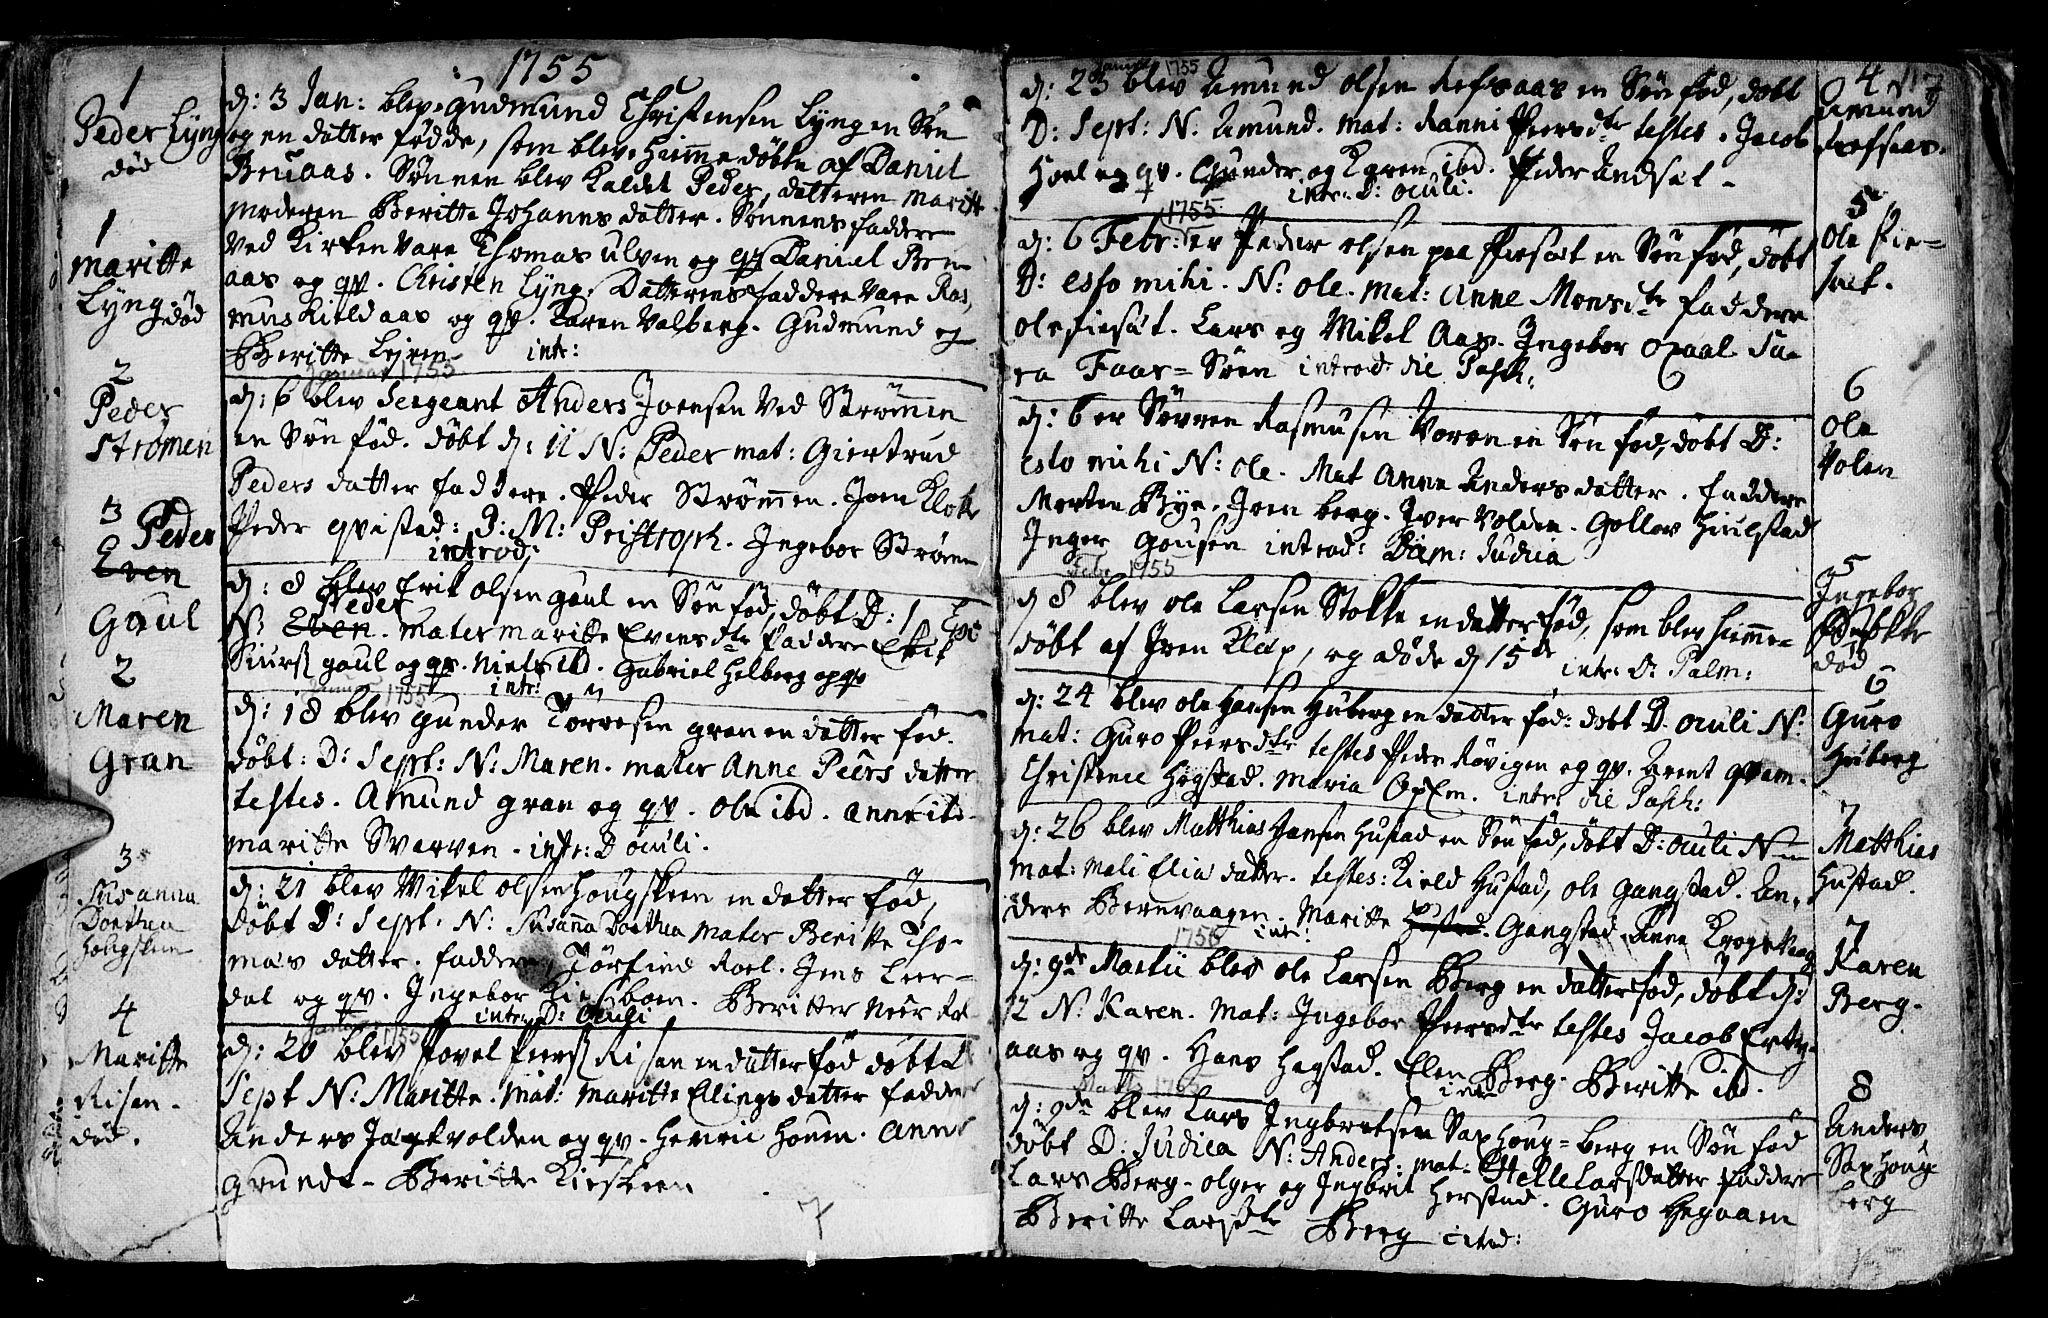 SAT, Ministerialprotokoller, klokkerbøker og fødselsregistre - Nord-Trøndelag, 730/L0272: Ministerialbok nr. 730A01, 1733-1764, s. 117